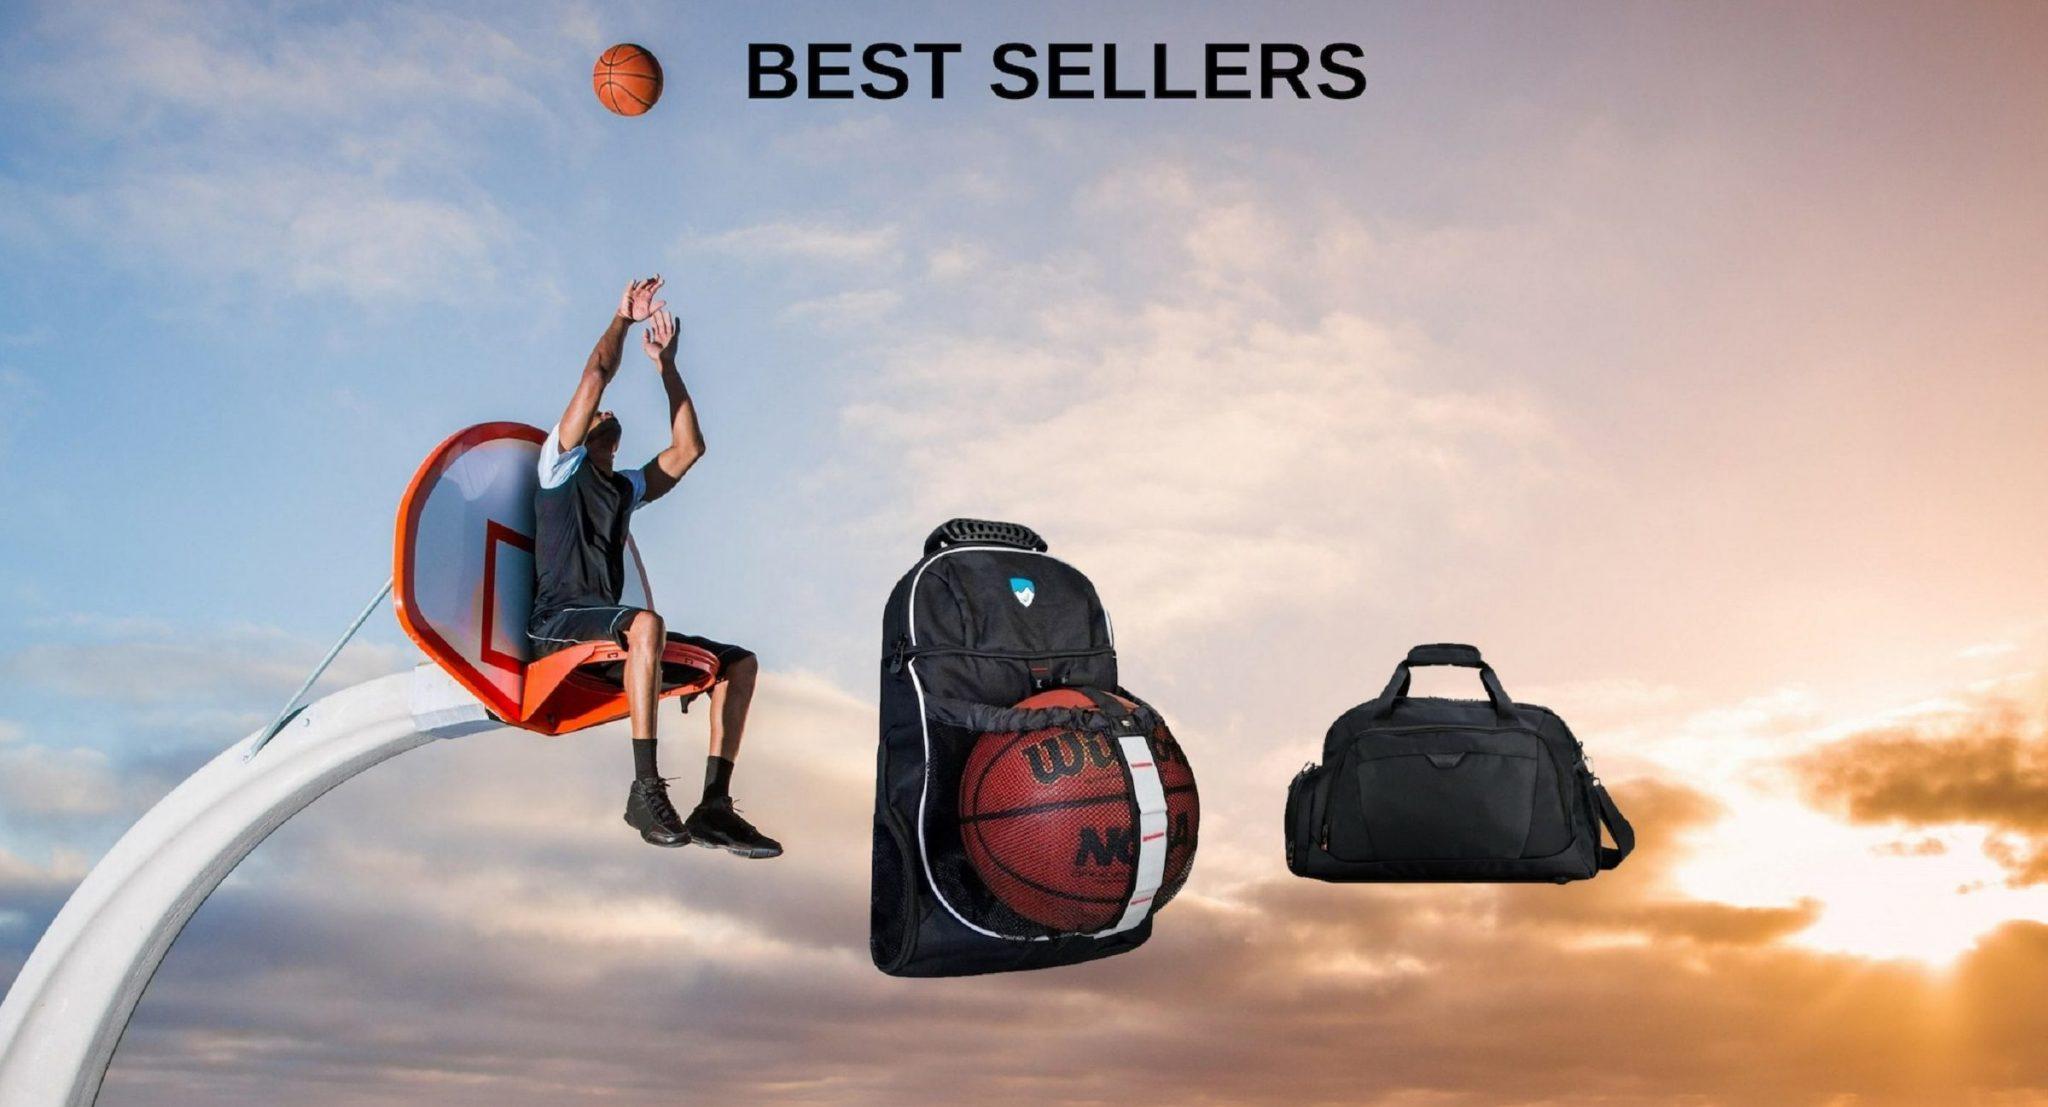 Hard Work Sports Basketball Backpack Duffle Bag Best Sellers